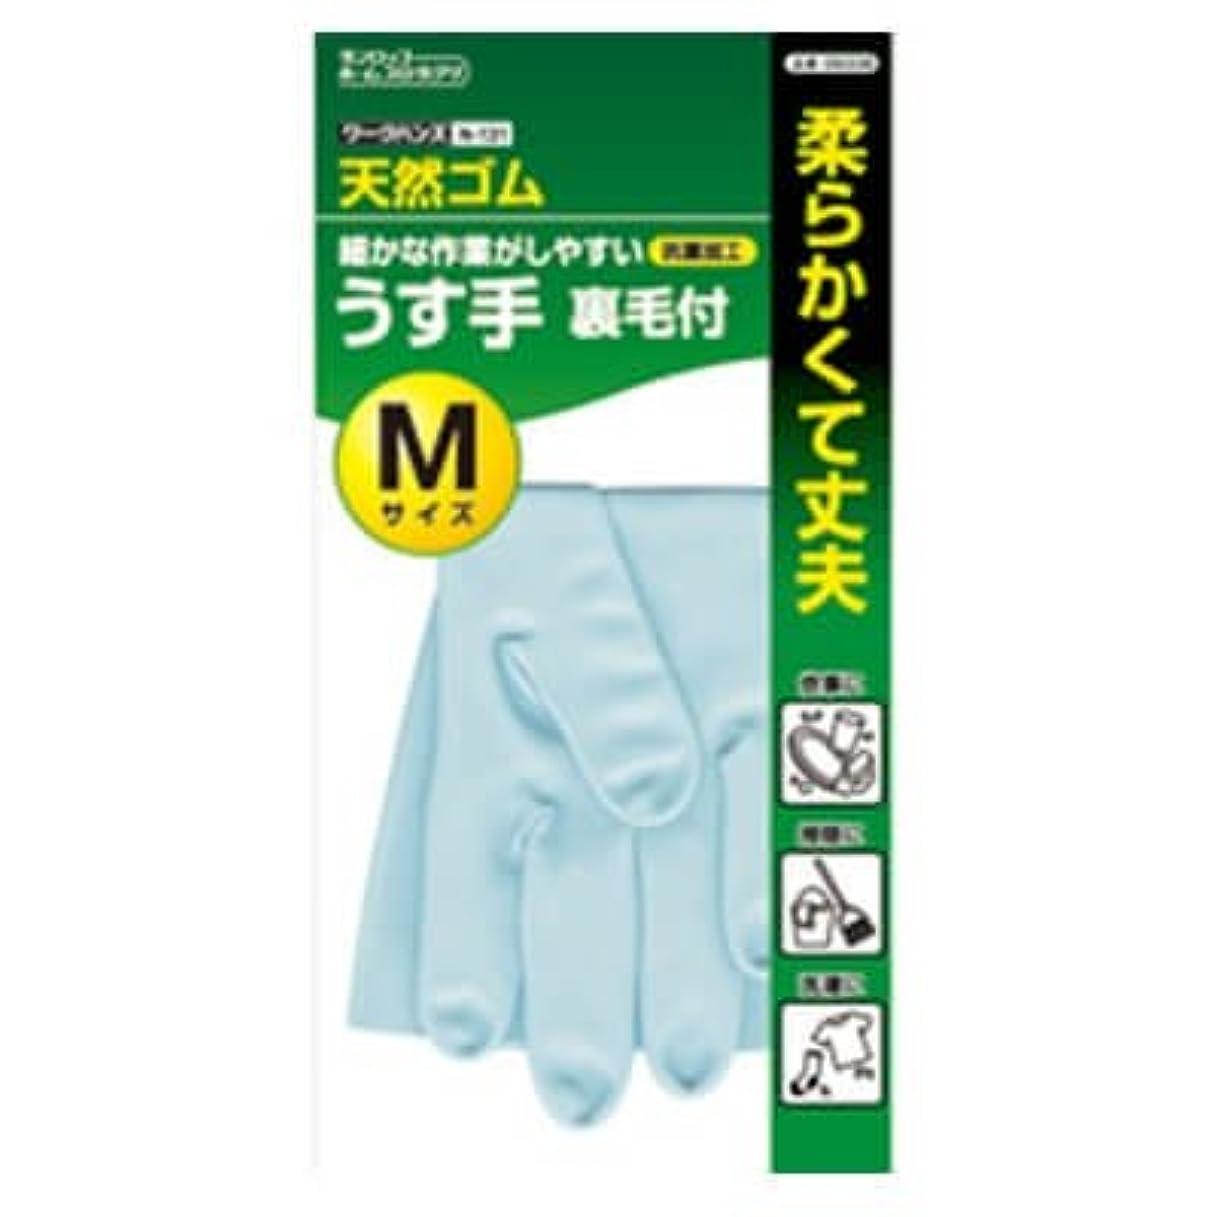 コピー医学表面的な【ケース販売】 ダンロップ ワークハンズ N-131 天然ゴムうす手 M ブルー (10双×24袋)